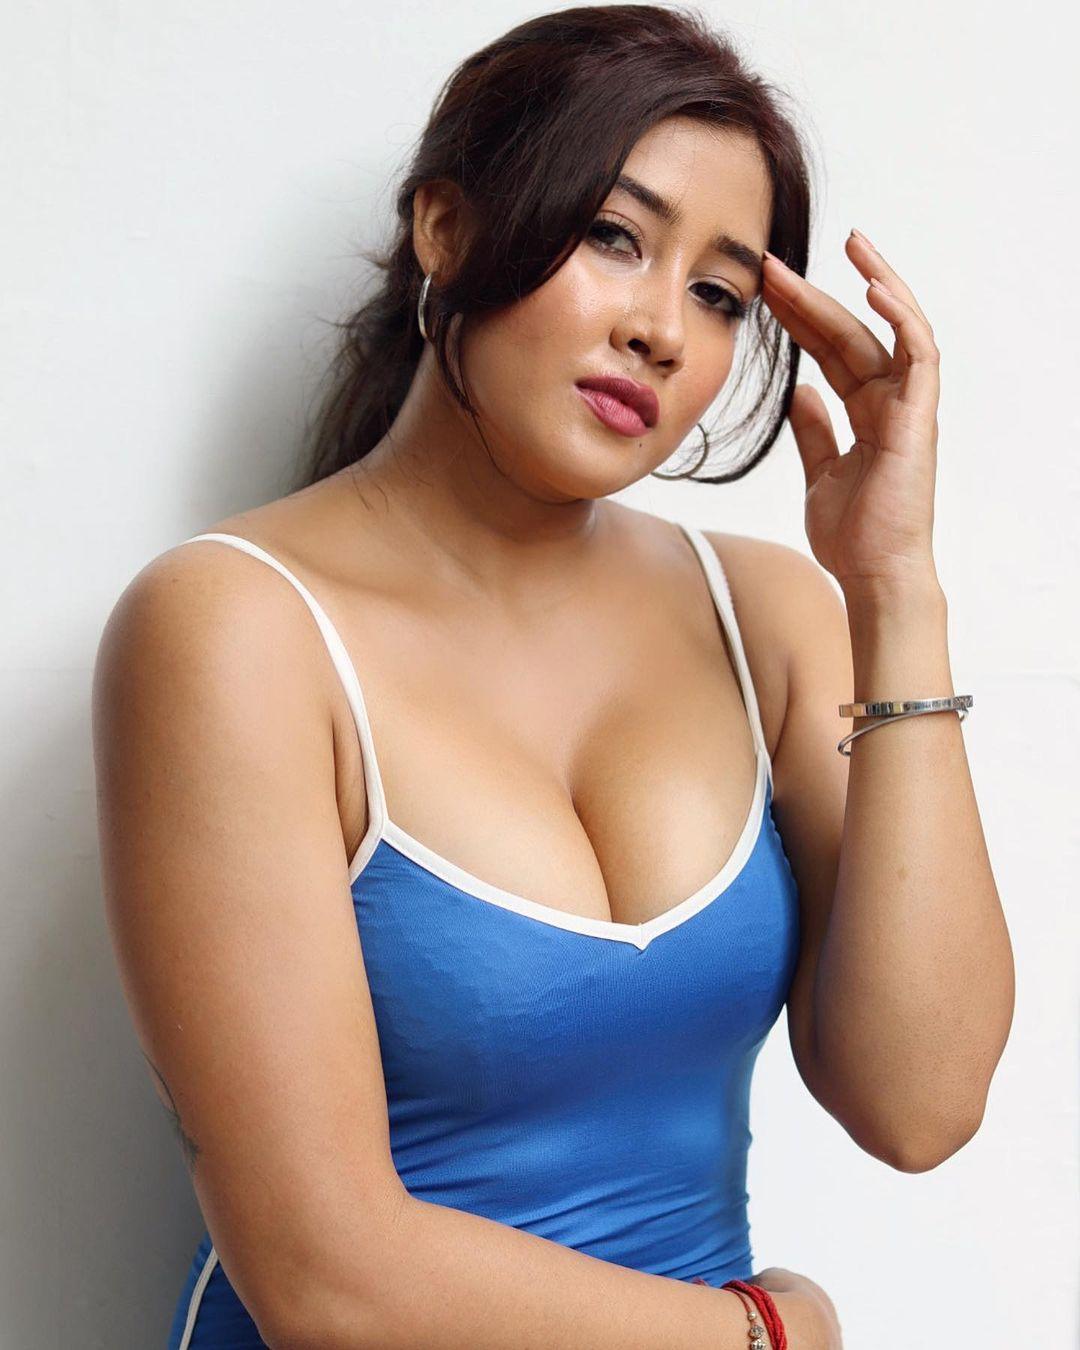 Sofia Ansari in blue top